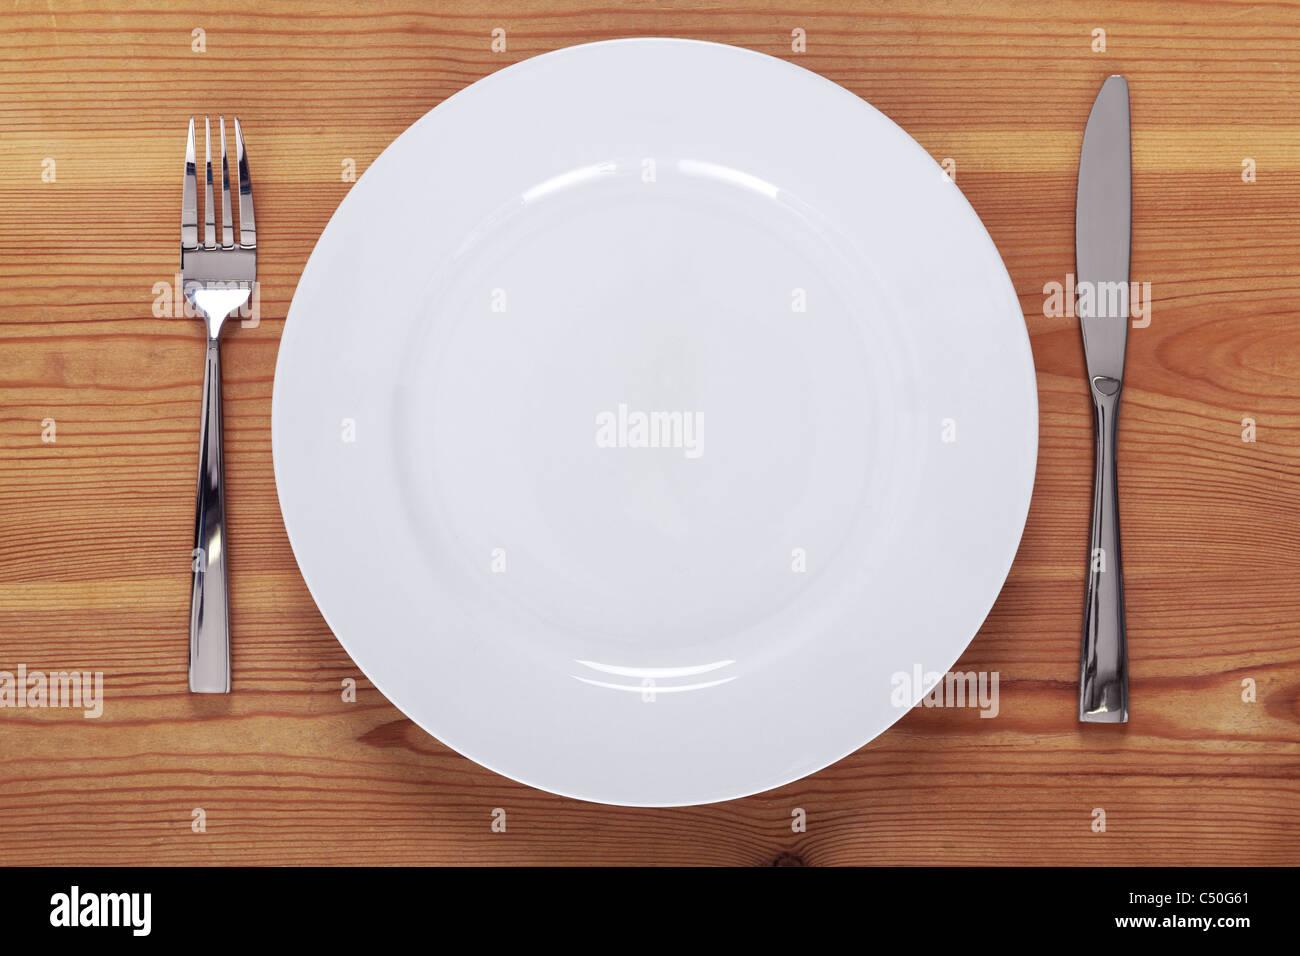 Foto di un vuoto piastra bianca con coltello e forchetta su una tavola in legno rustico. Immagini Stock